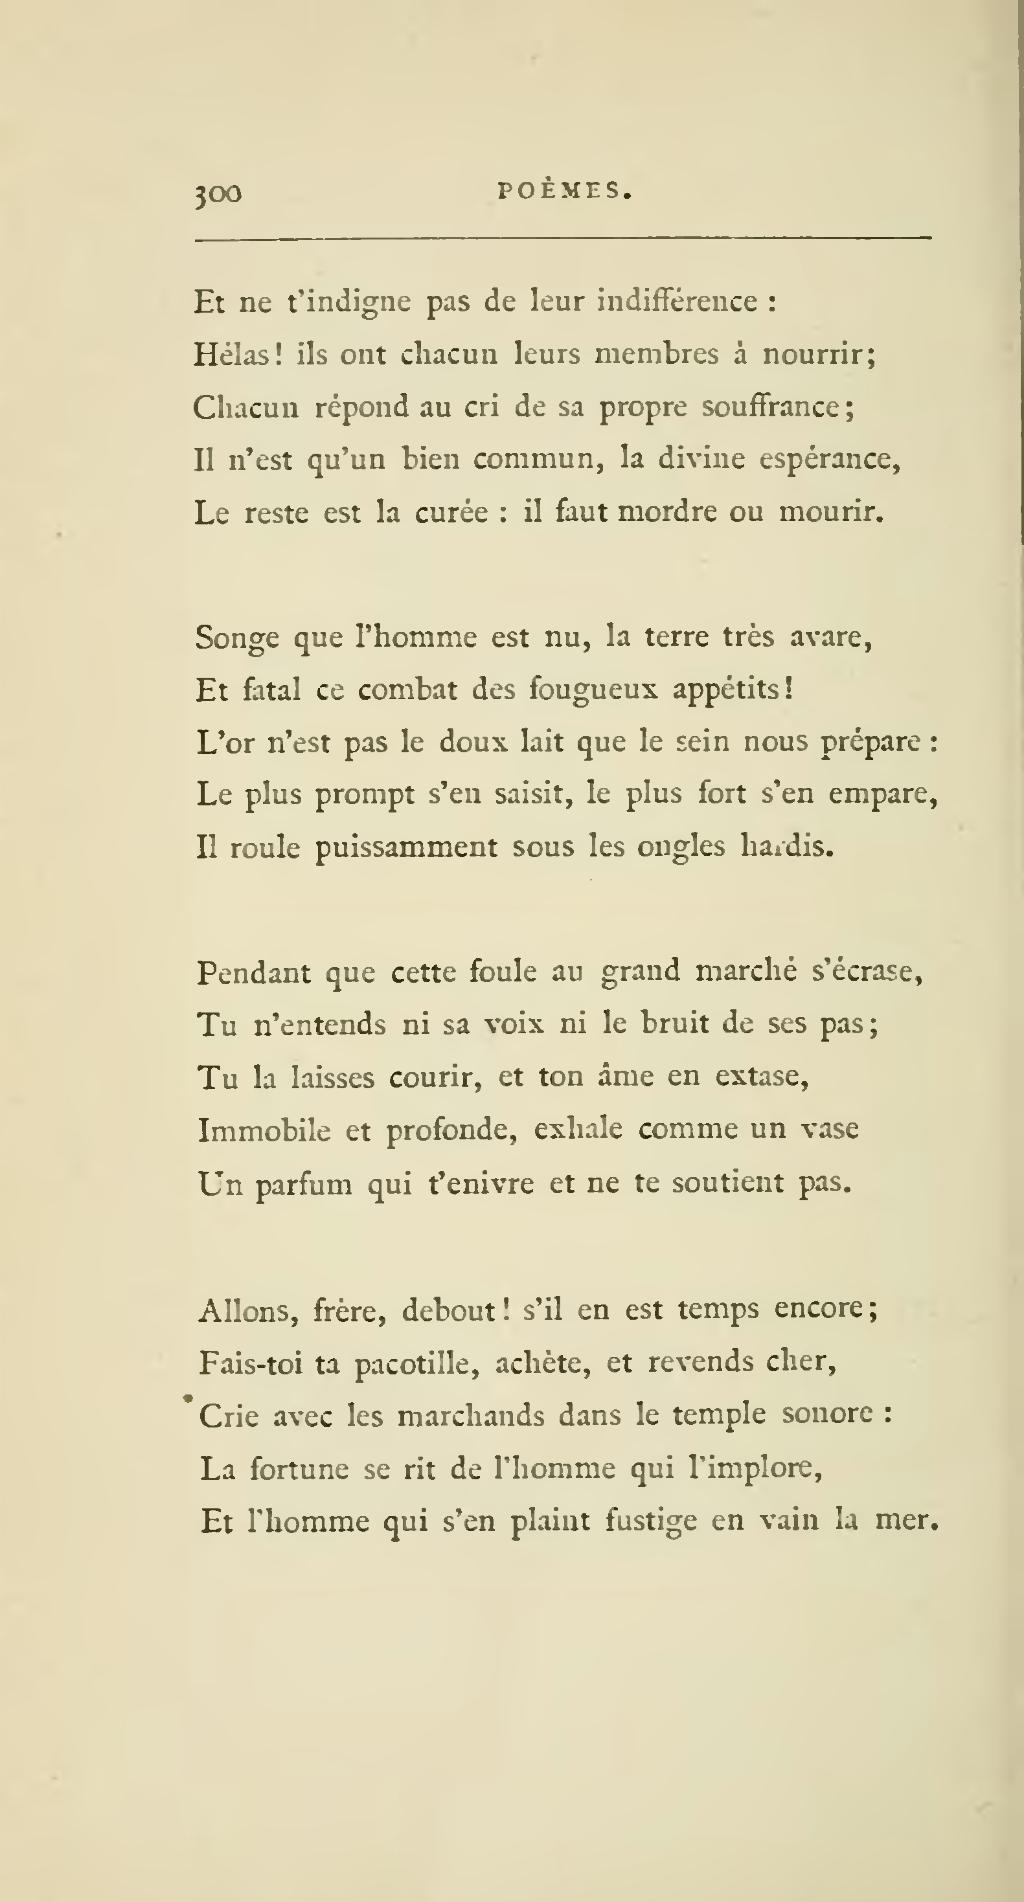 Pagesully Prudhomme œuvres Poésies 1865 1866djvu316